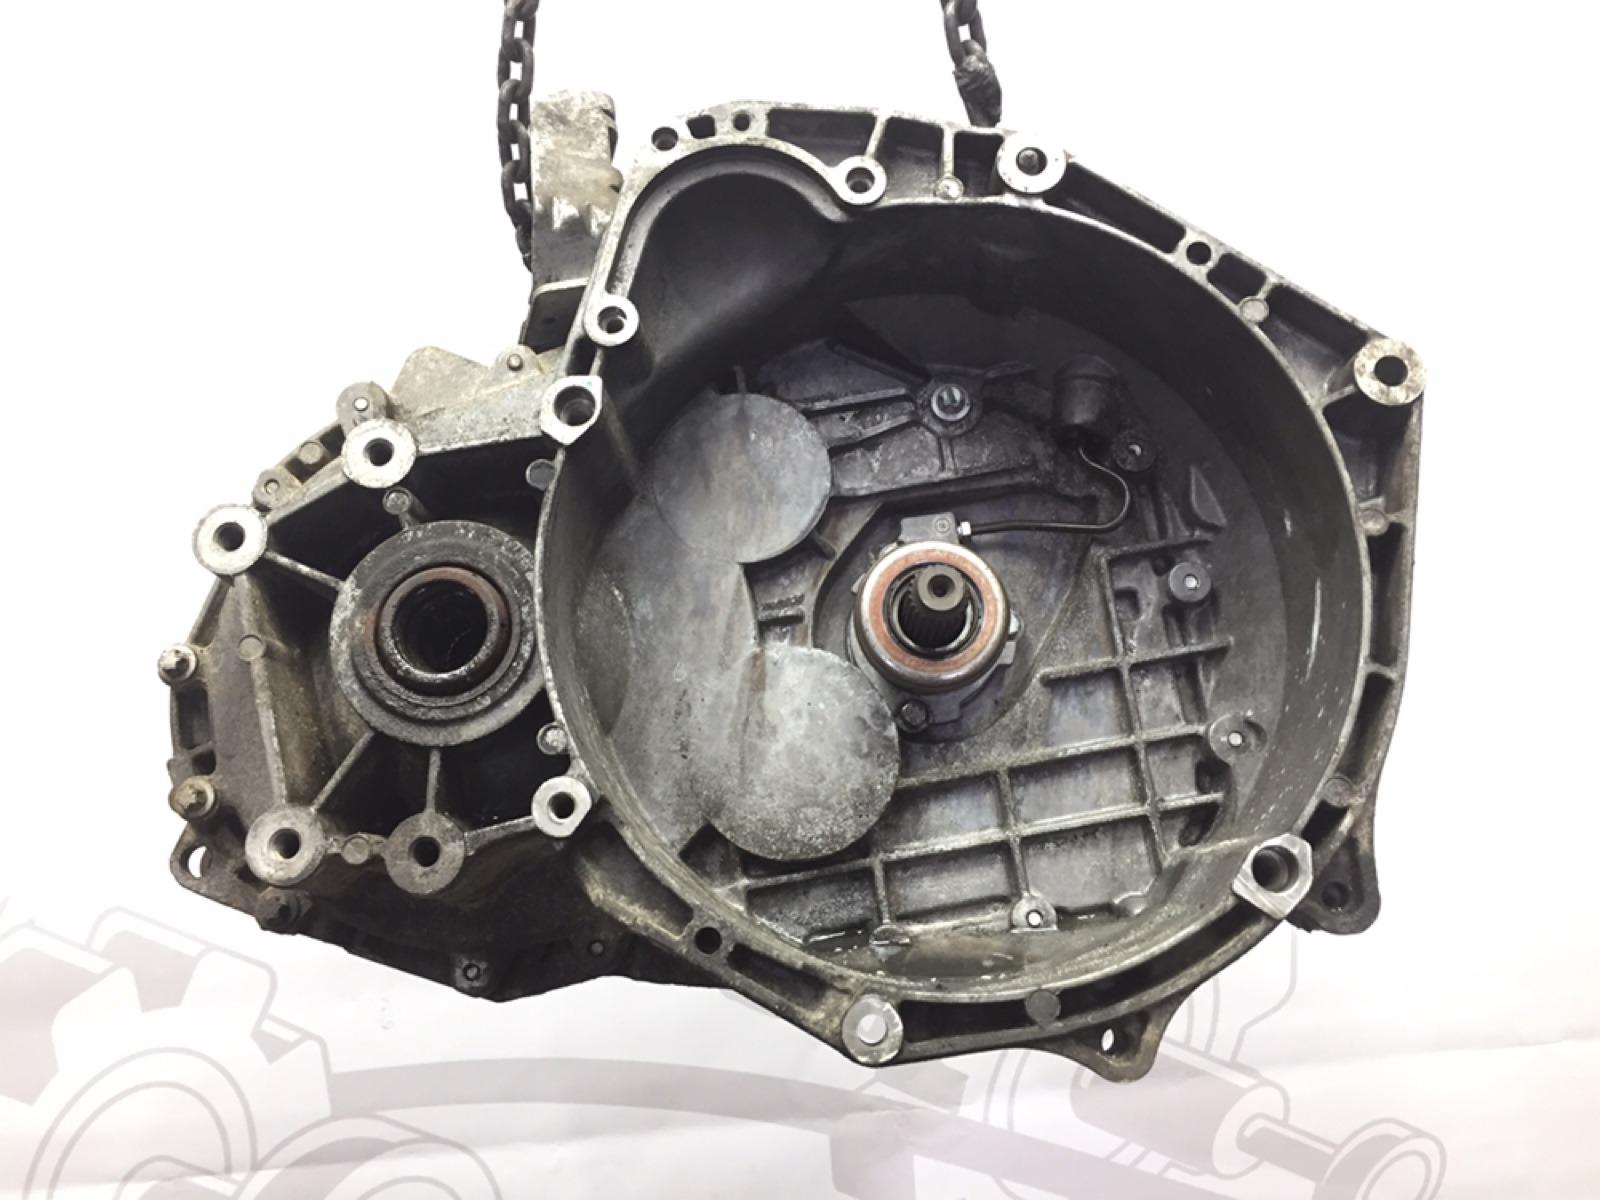 Кпп механическая (мкпп) Opel Vectra C 1.9 CDTI 2005 (б/у)